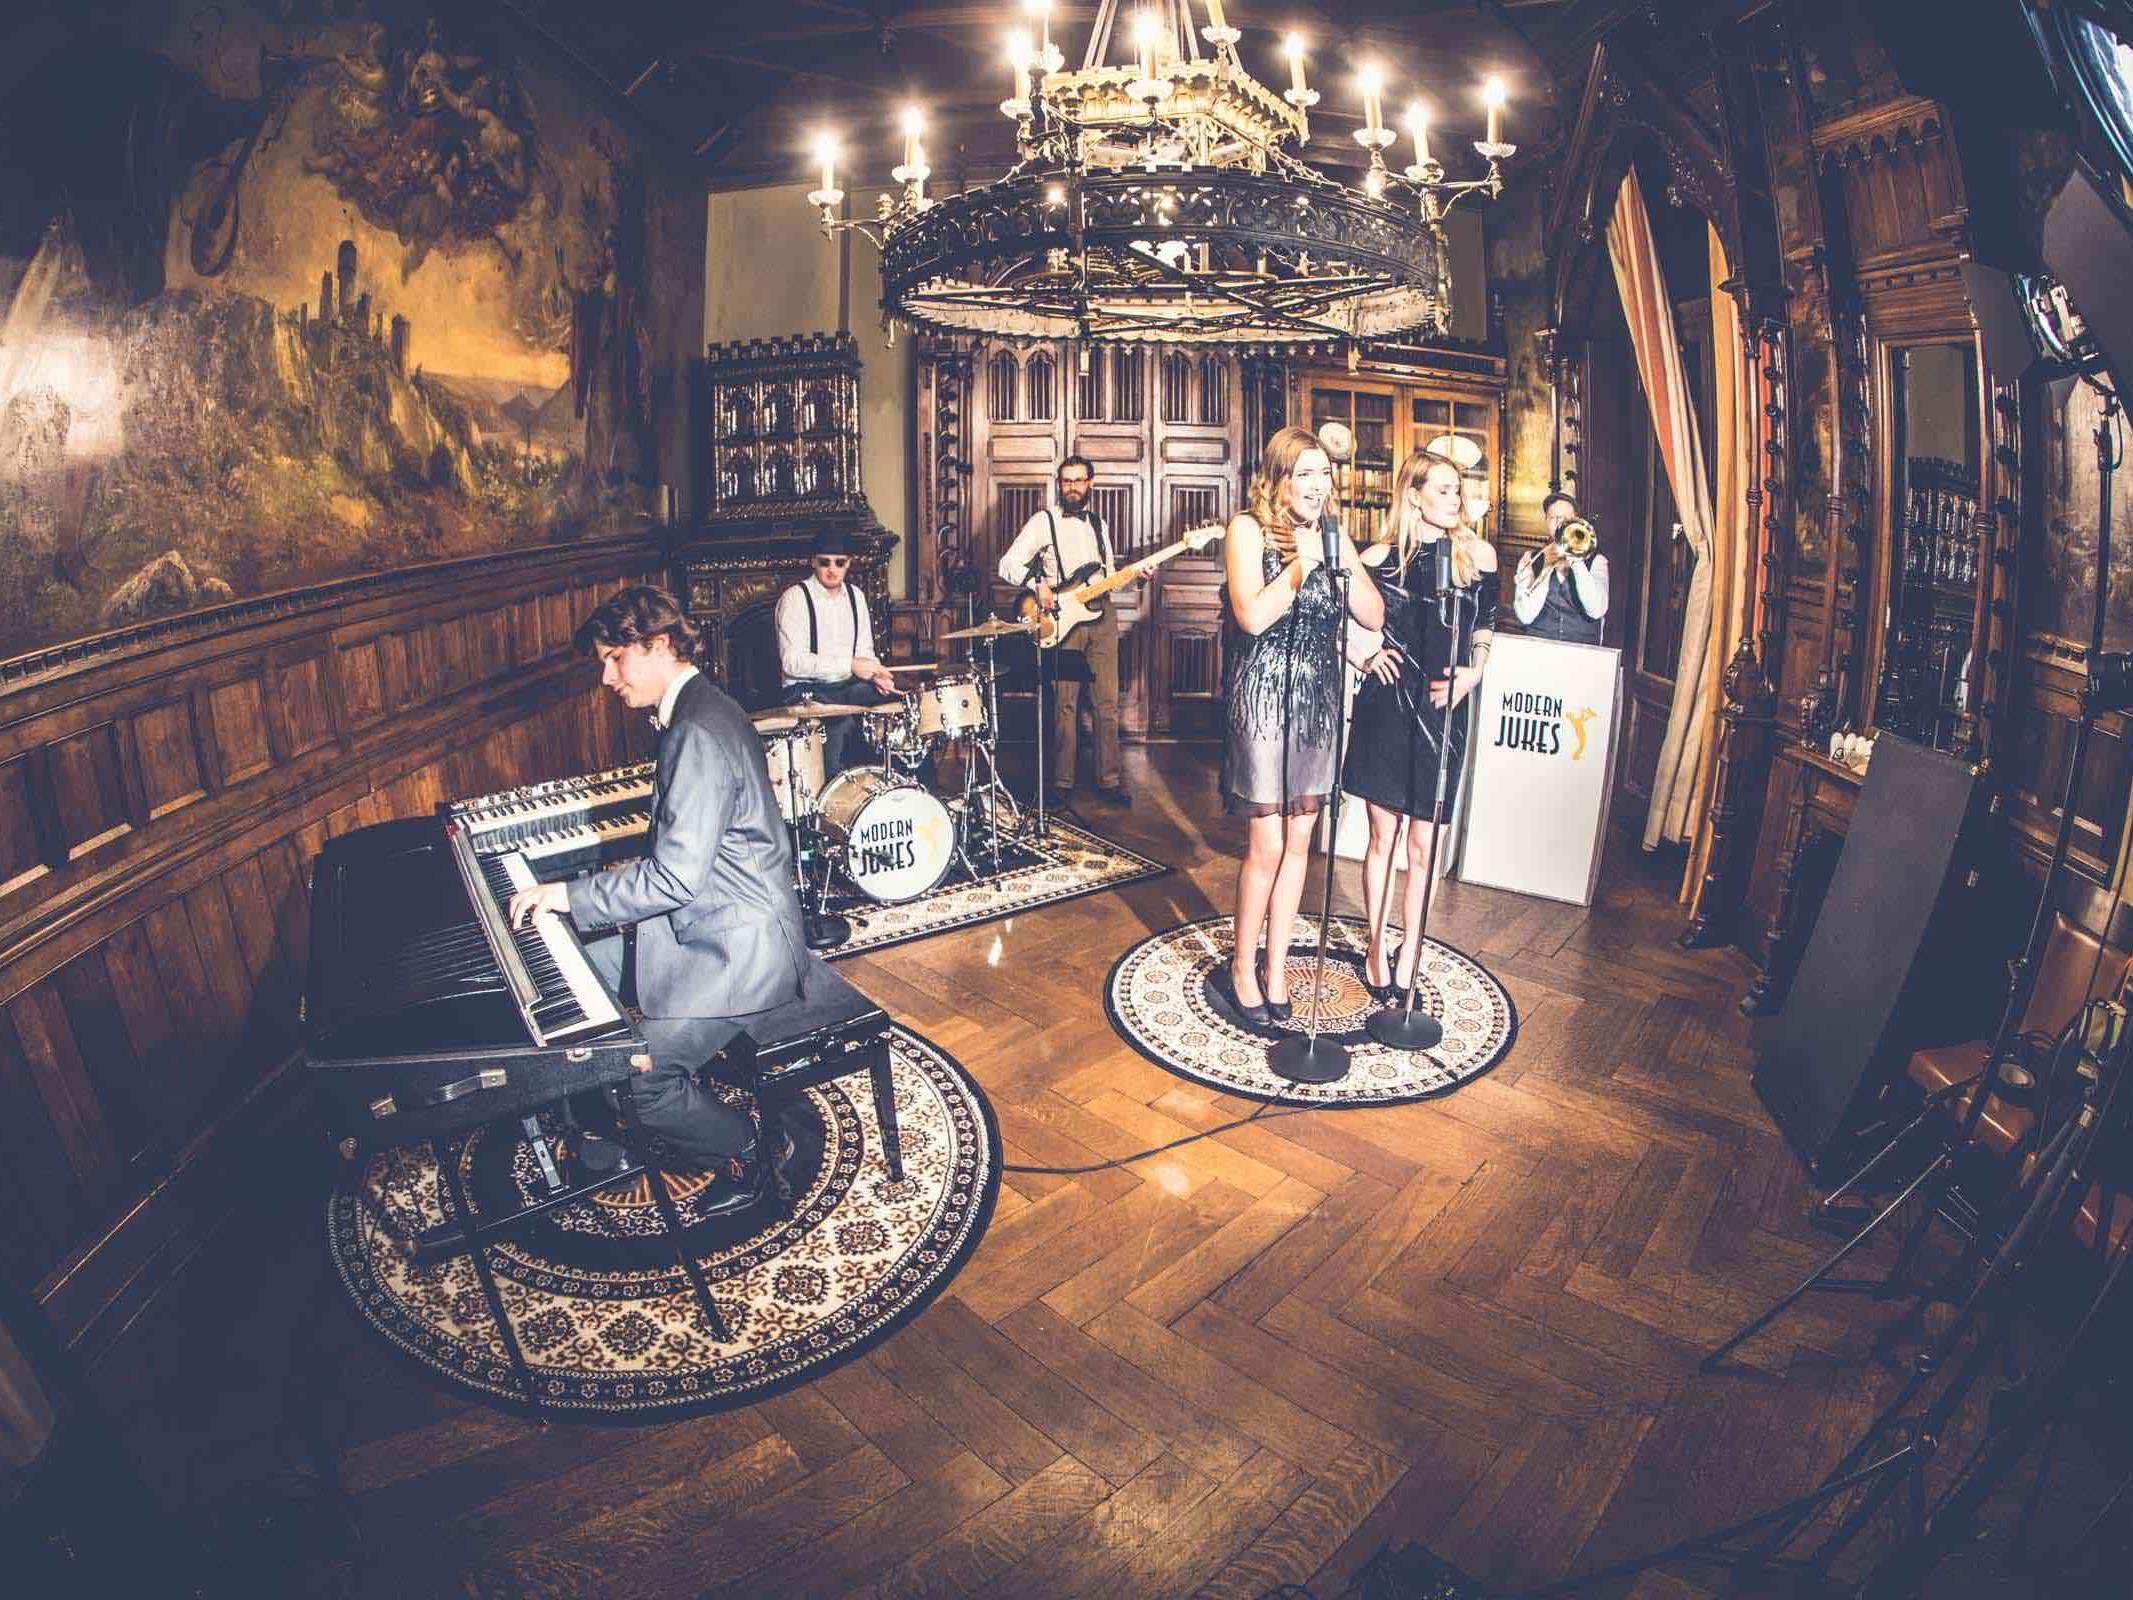 Band   Hamburg   Liveband   Partyband   Popband   Jazzband   Swingband   Messeparty   Lounge   Pop   Jazz   Sänger   Hochzeit   Messe   Firmenfeier   Charity   Gala   Buchen   Mieten   Anfragen   Modern   Jukes   Hamburgfeiert